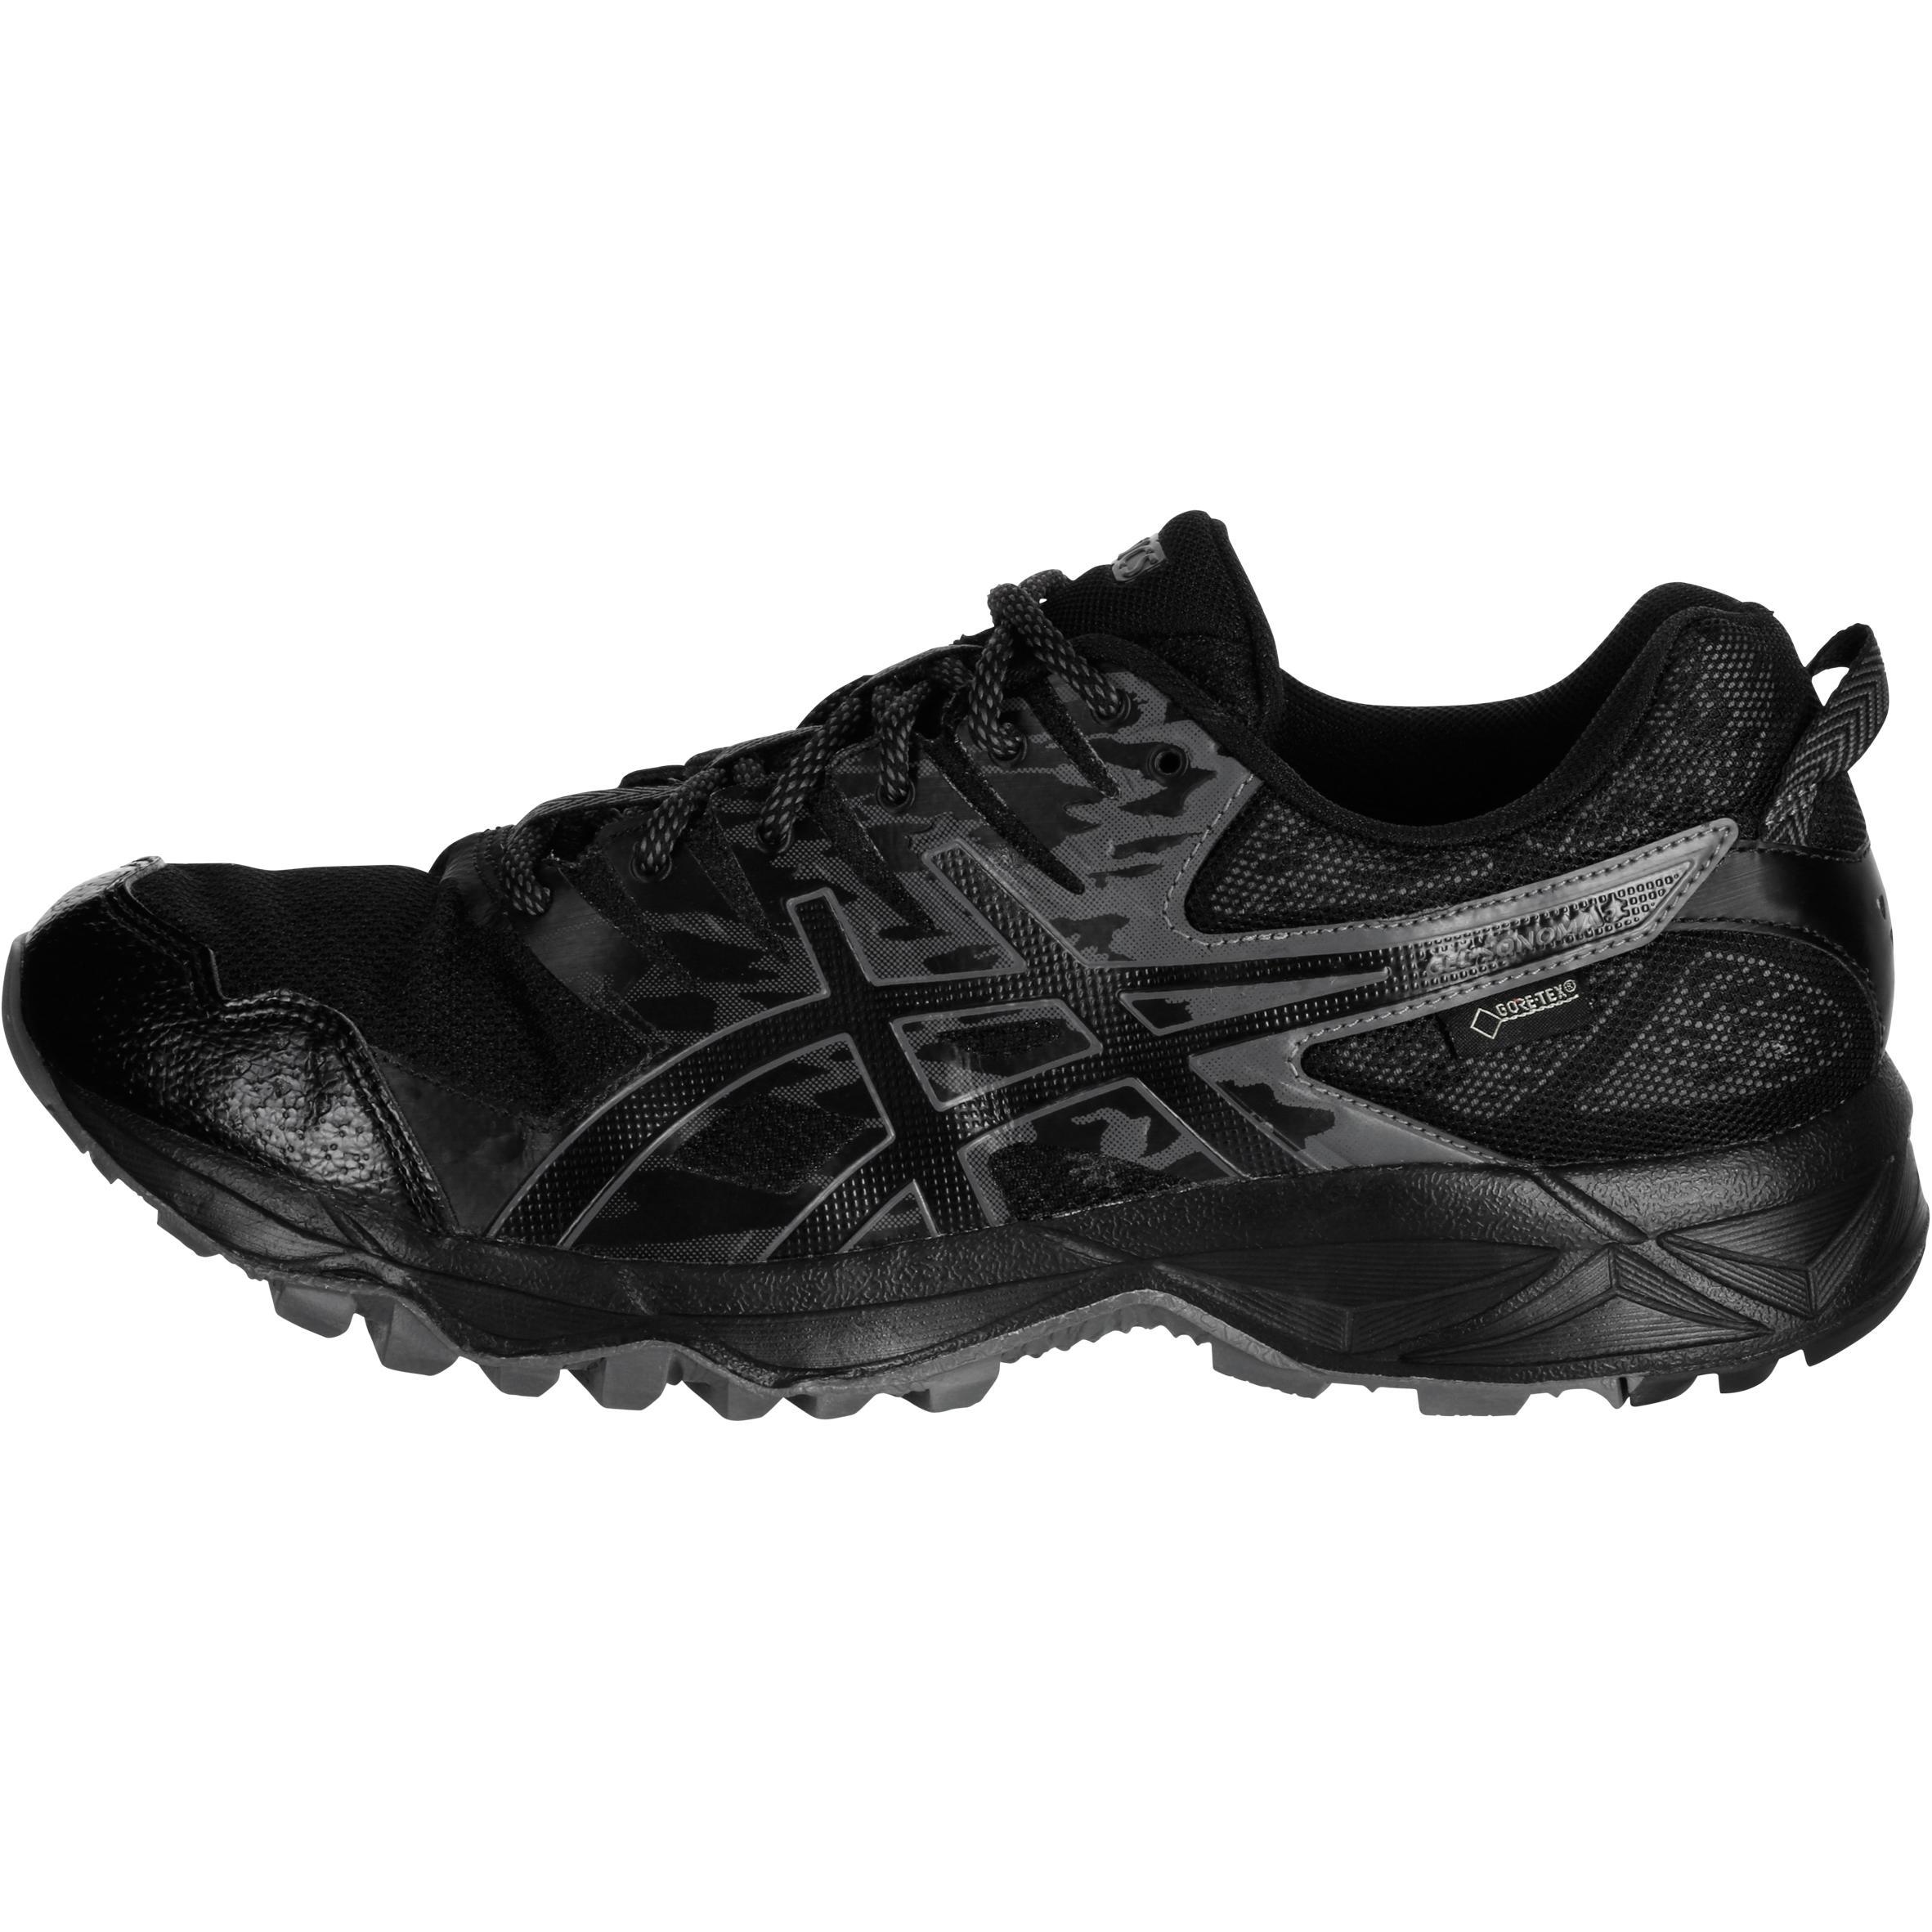 Chaussures Marche Nordique Gel Sonoma 3g Noir Homme Tx BxeWodrC